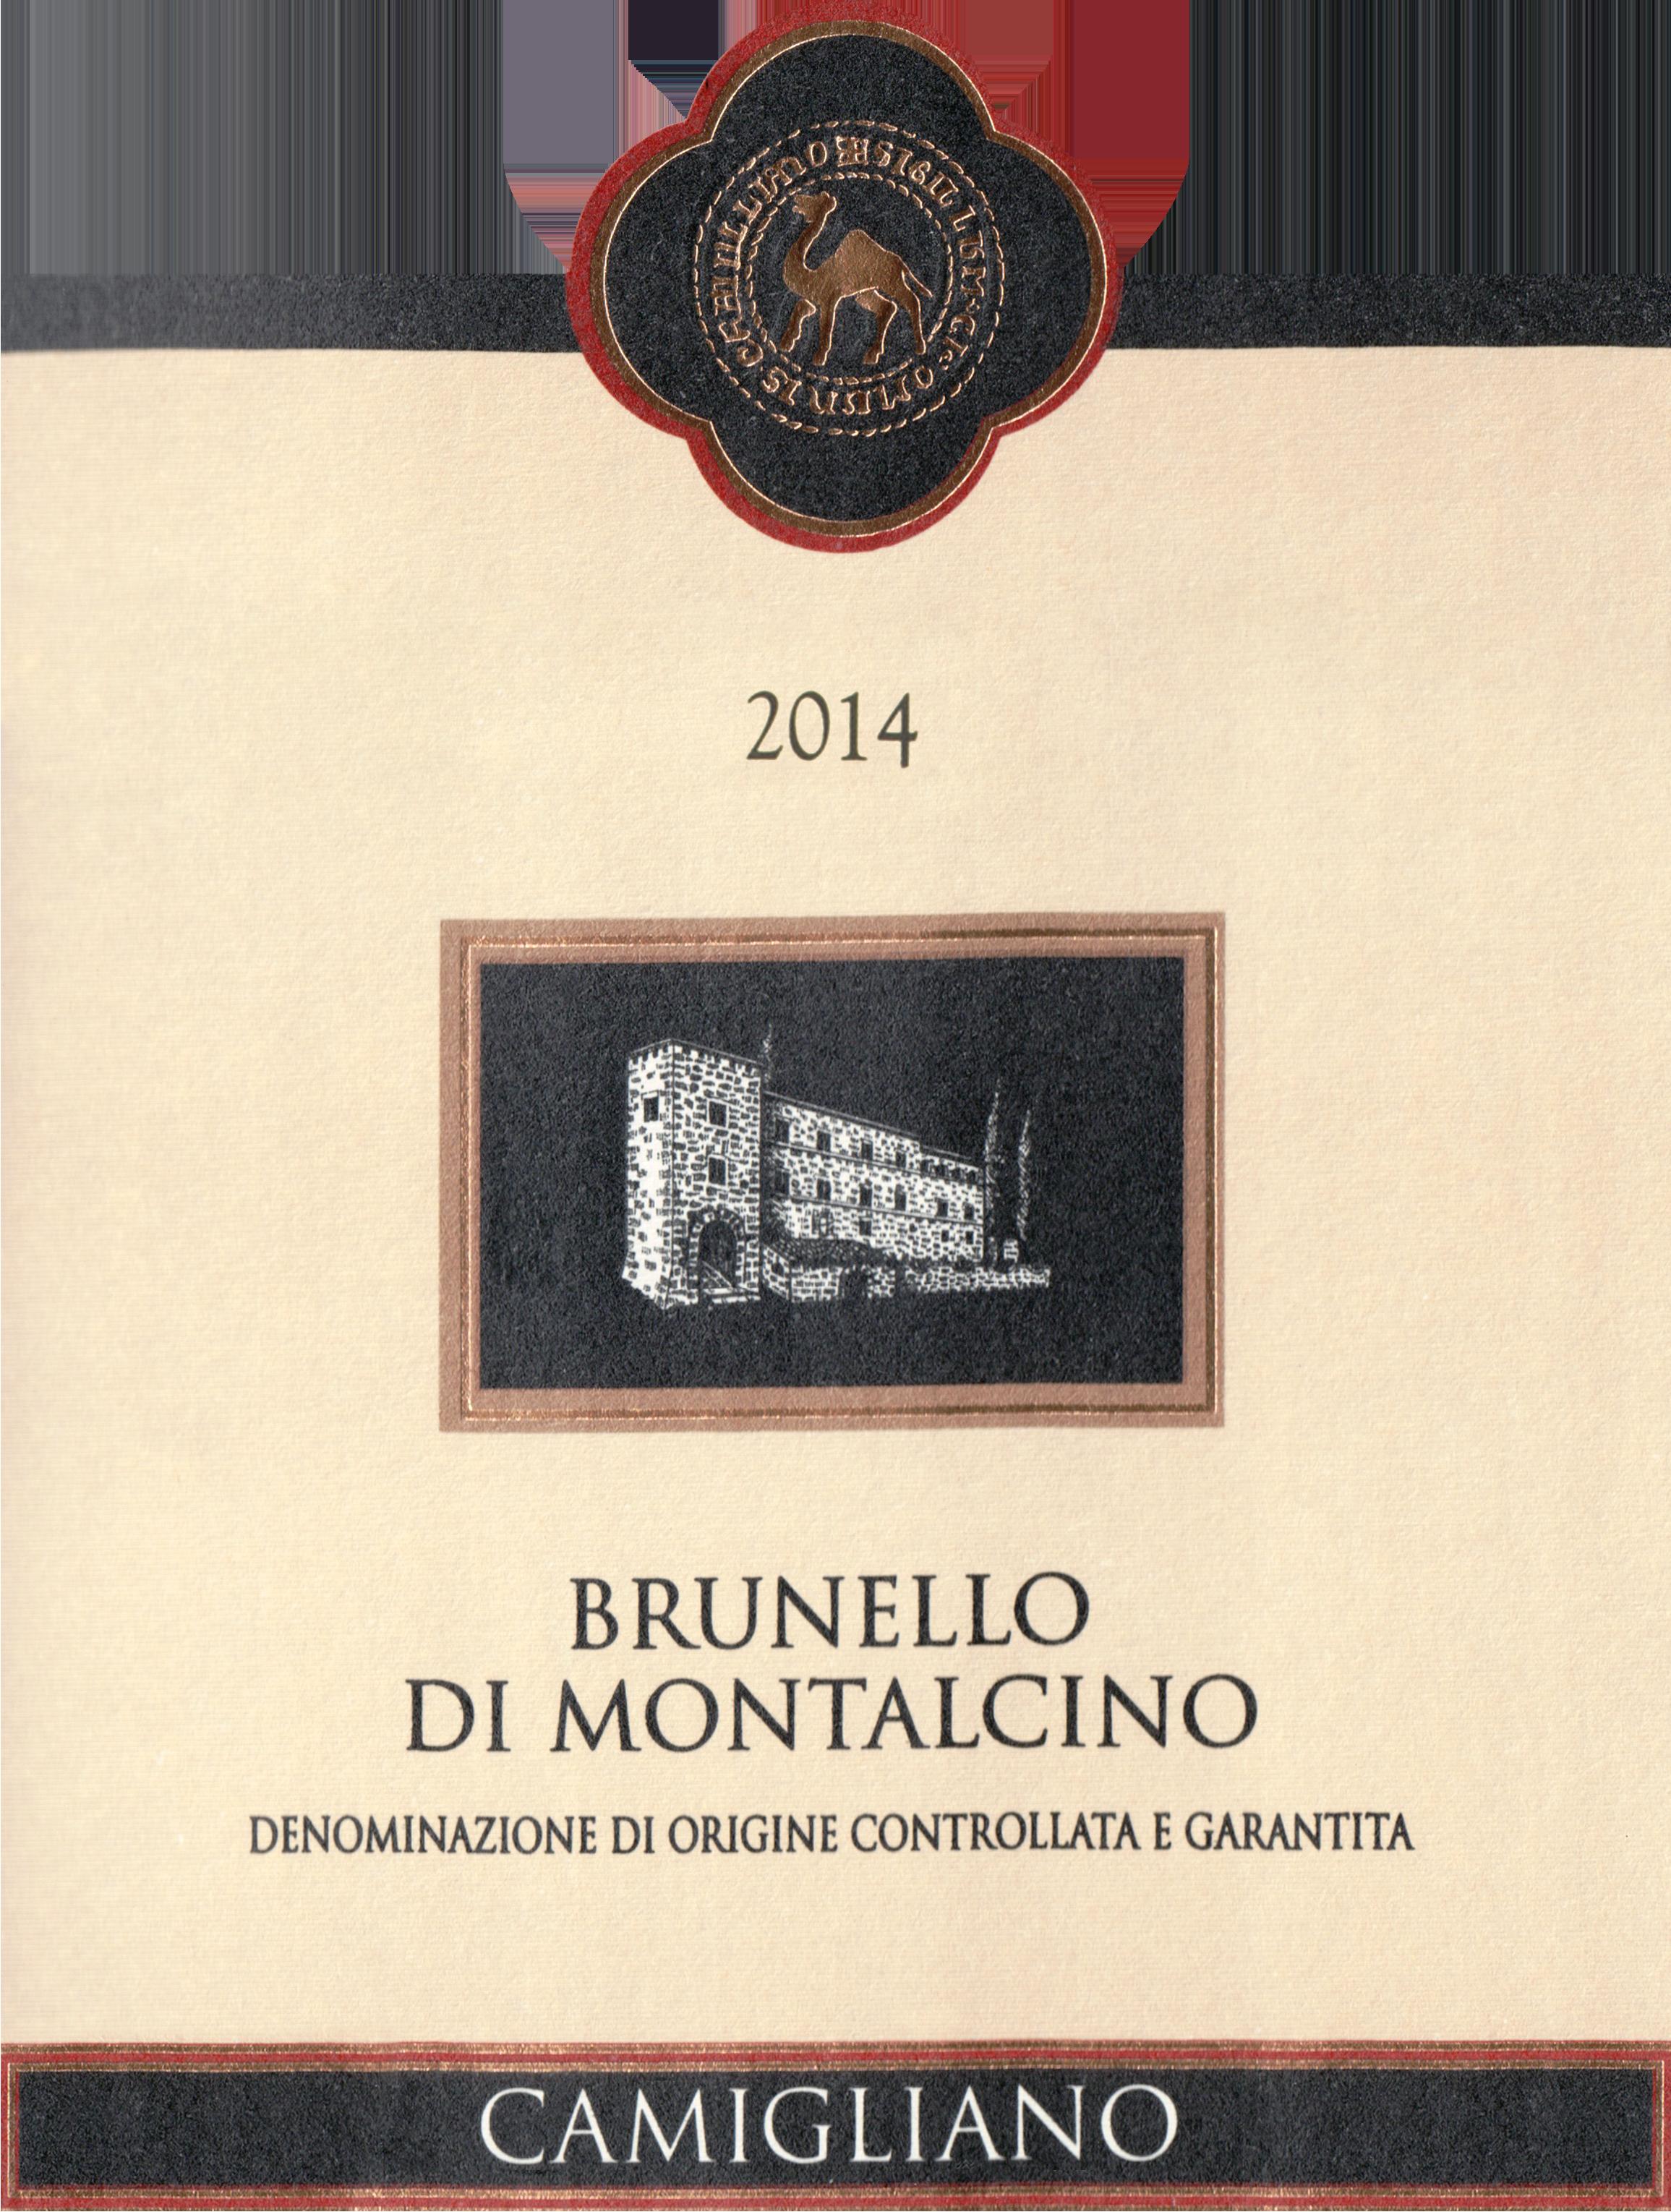 Camigliano Brunello Montalcino 2014